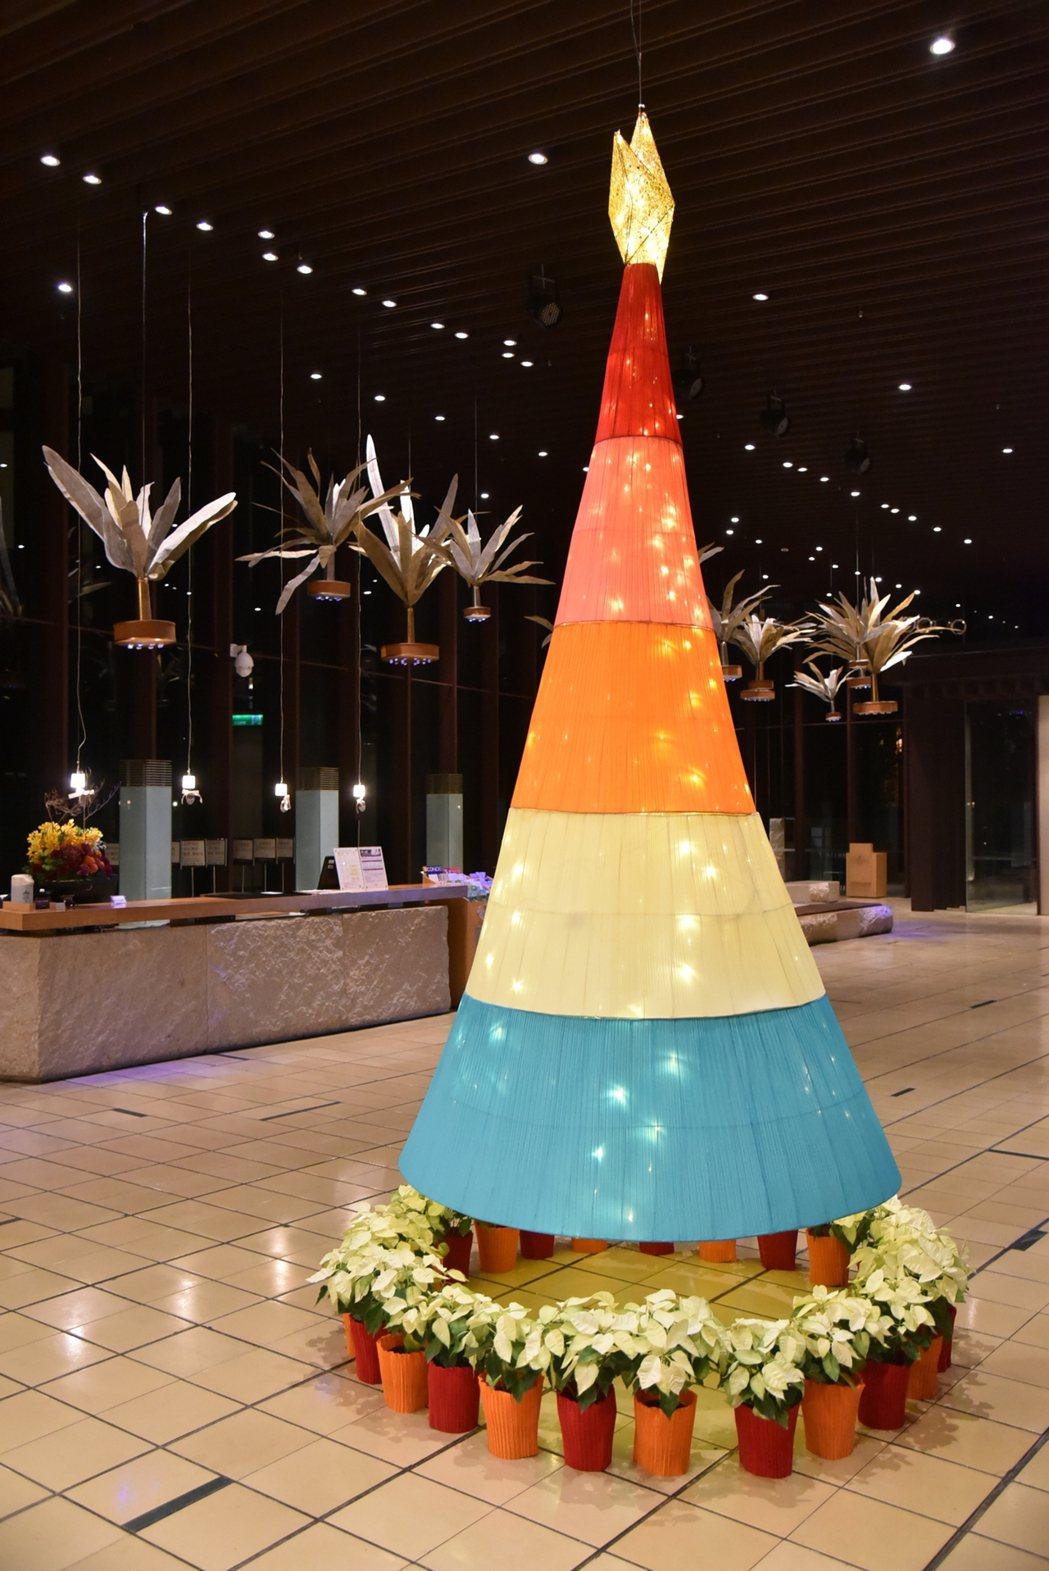 礁溪老爺酒店耶誕樹迎賓。圖/礁溪老爺提供